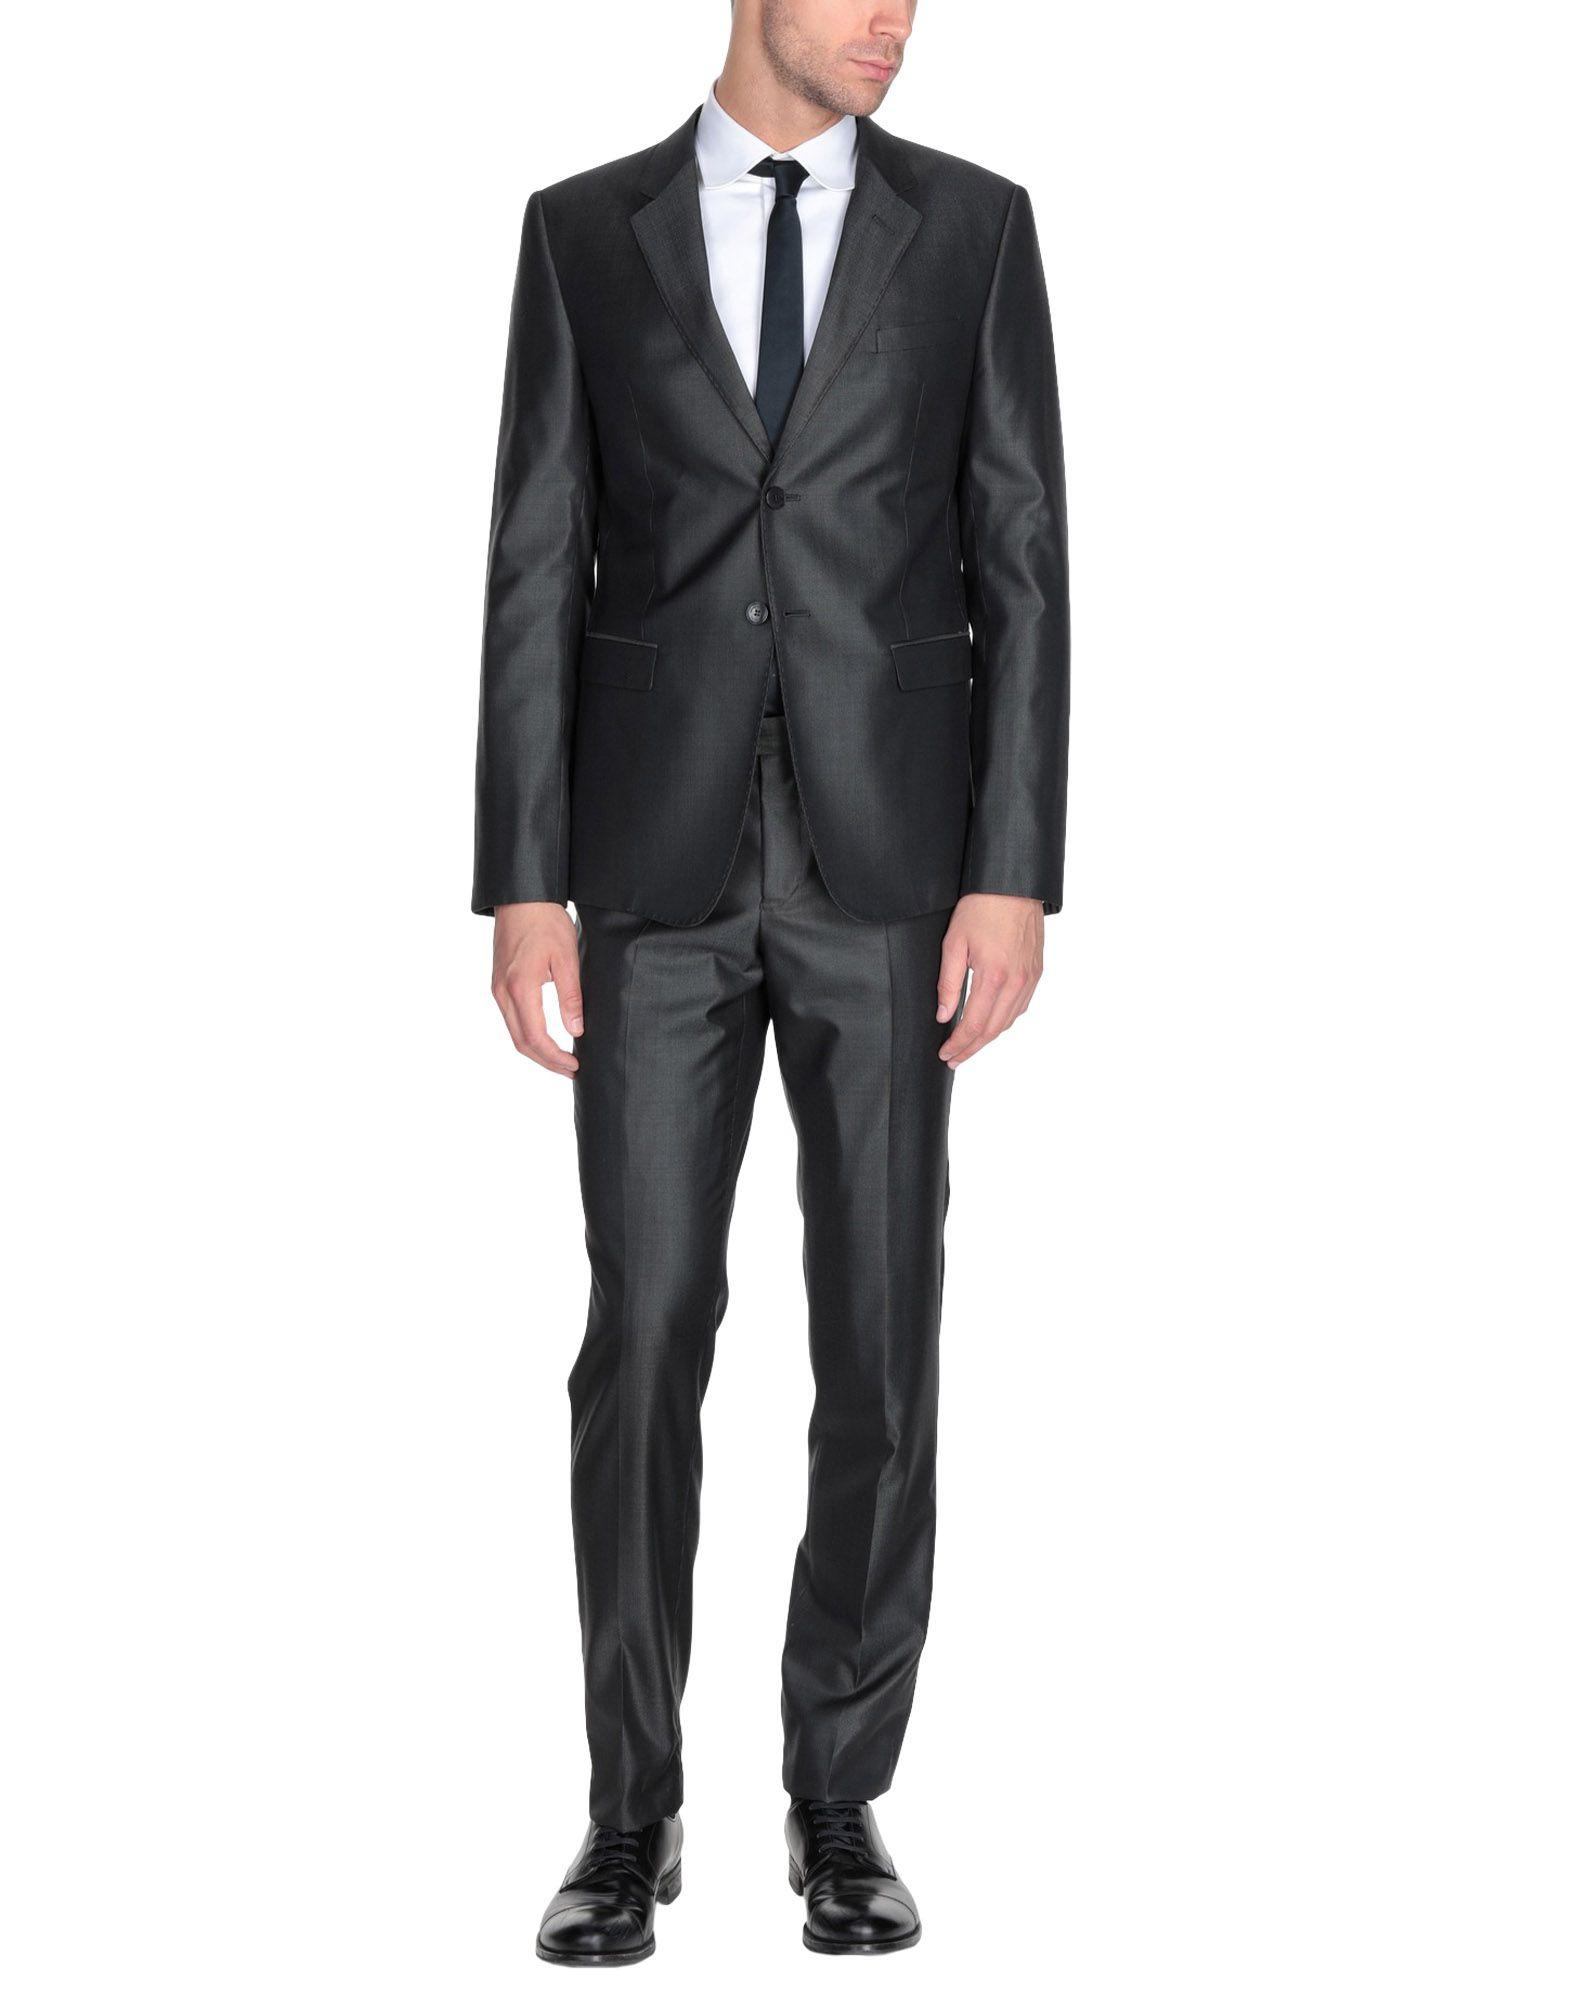 《送料無料》EMPORIO ARMANI メンズ スーツ スチールグレー 54 バージンウール 75% / シルク 25%